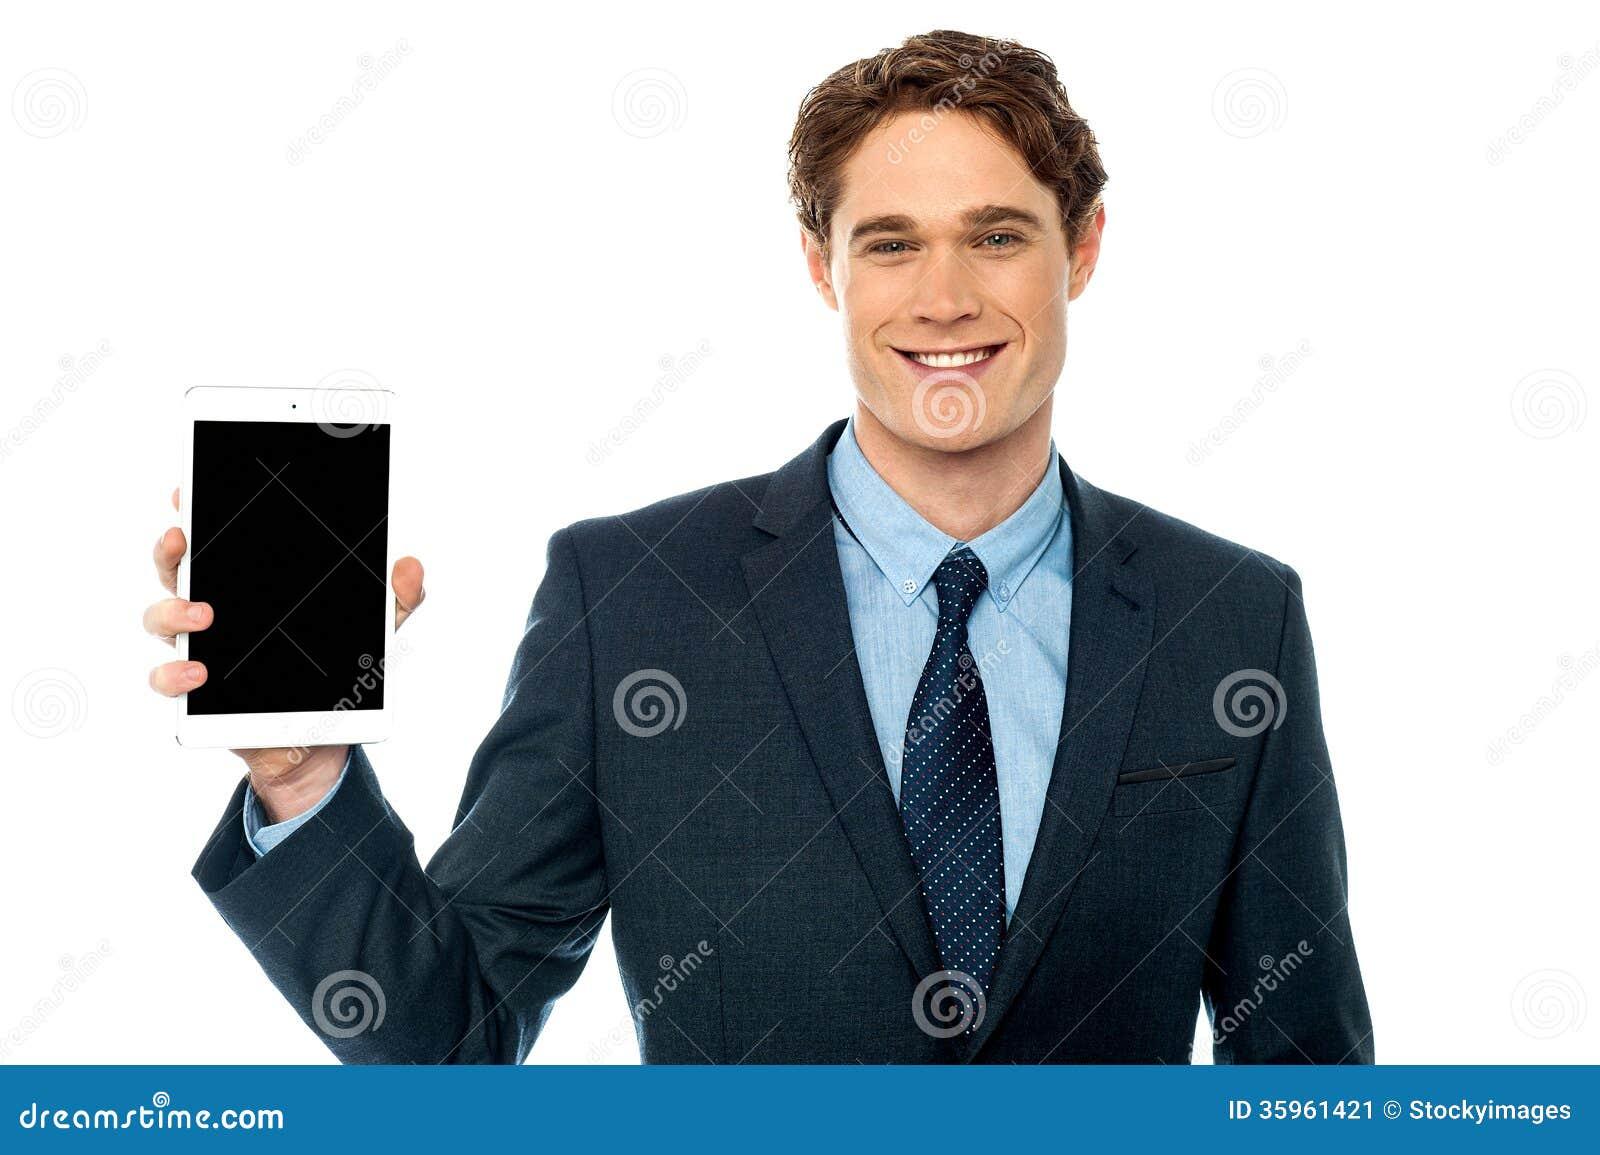 Individuo que presenta el dispositivo nuevamente puesto en marcha de la tableta